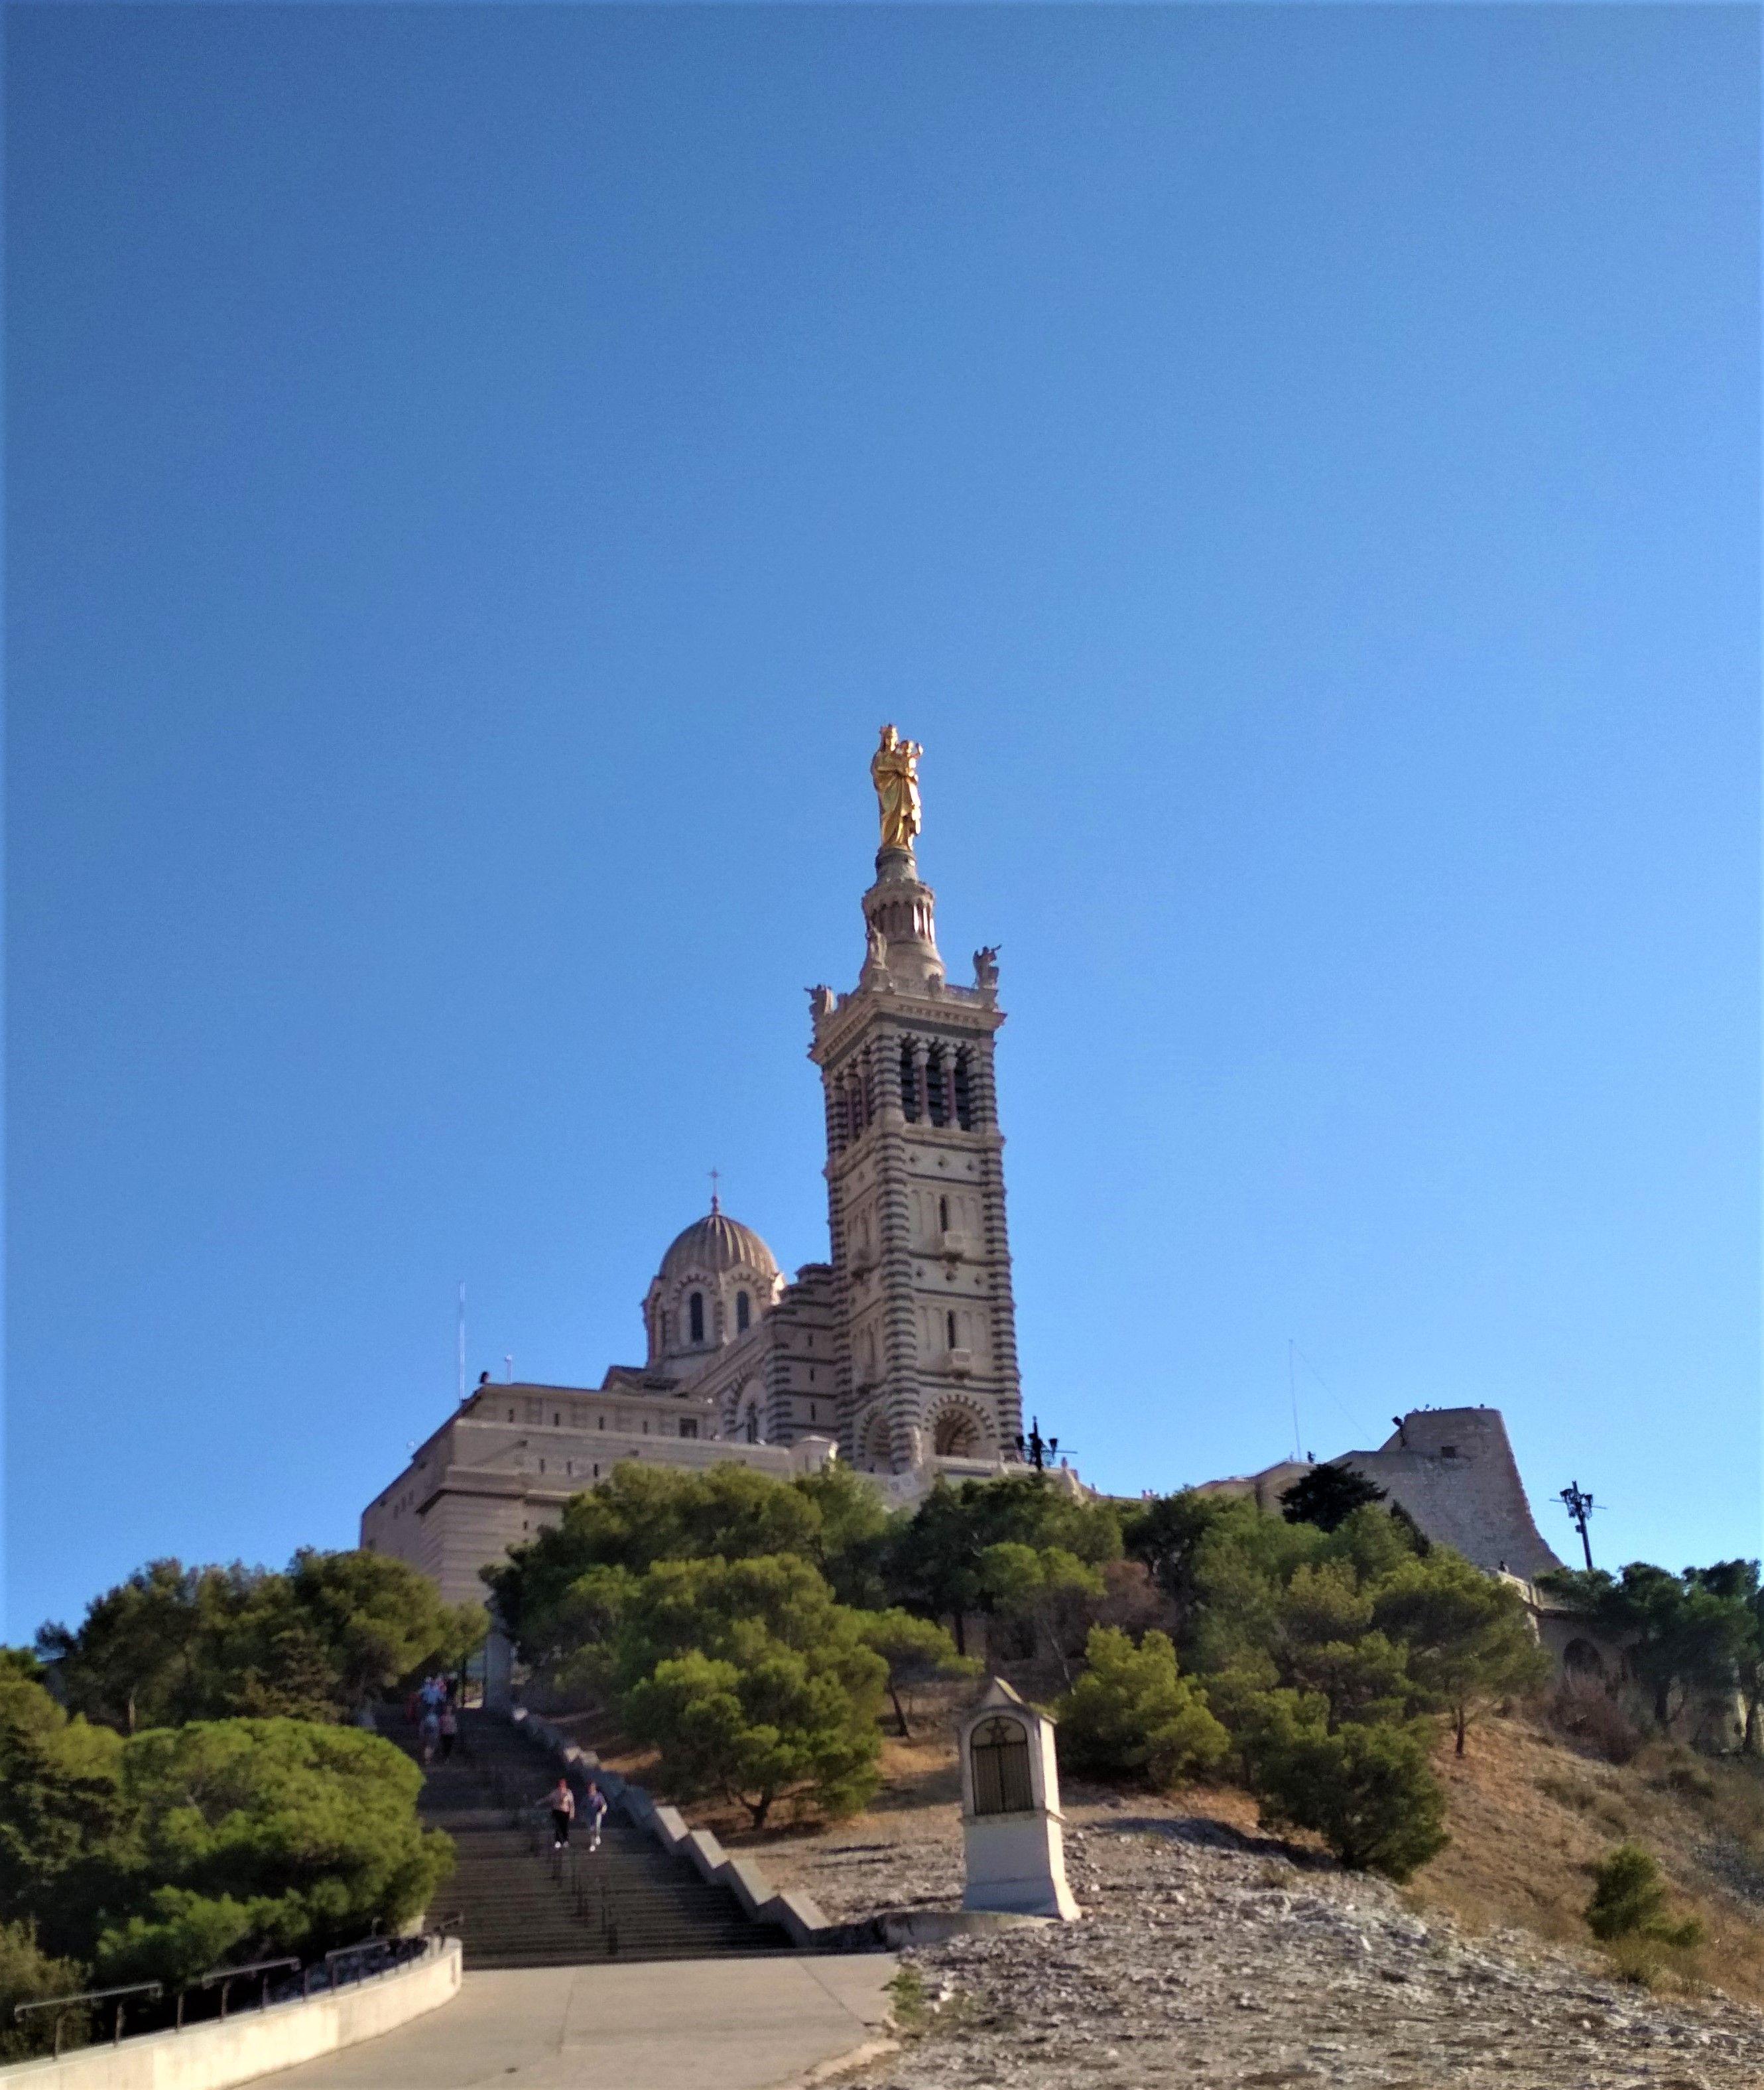 Basilique Notre-Dame de la Garde, Marseille